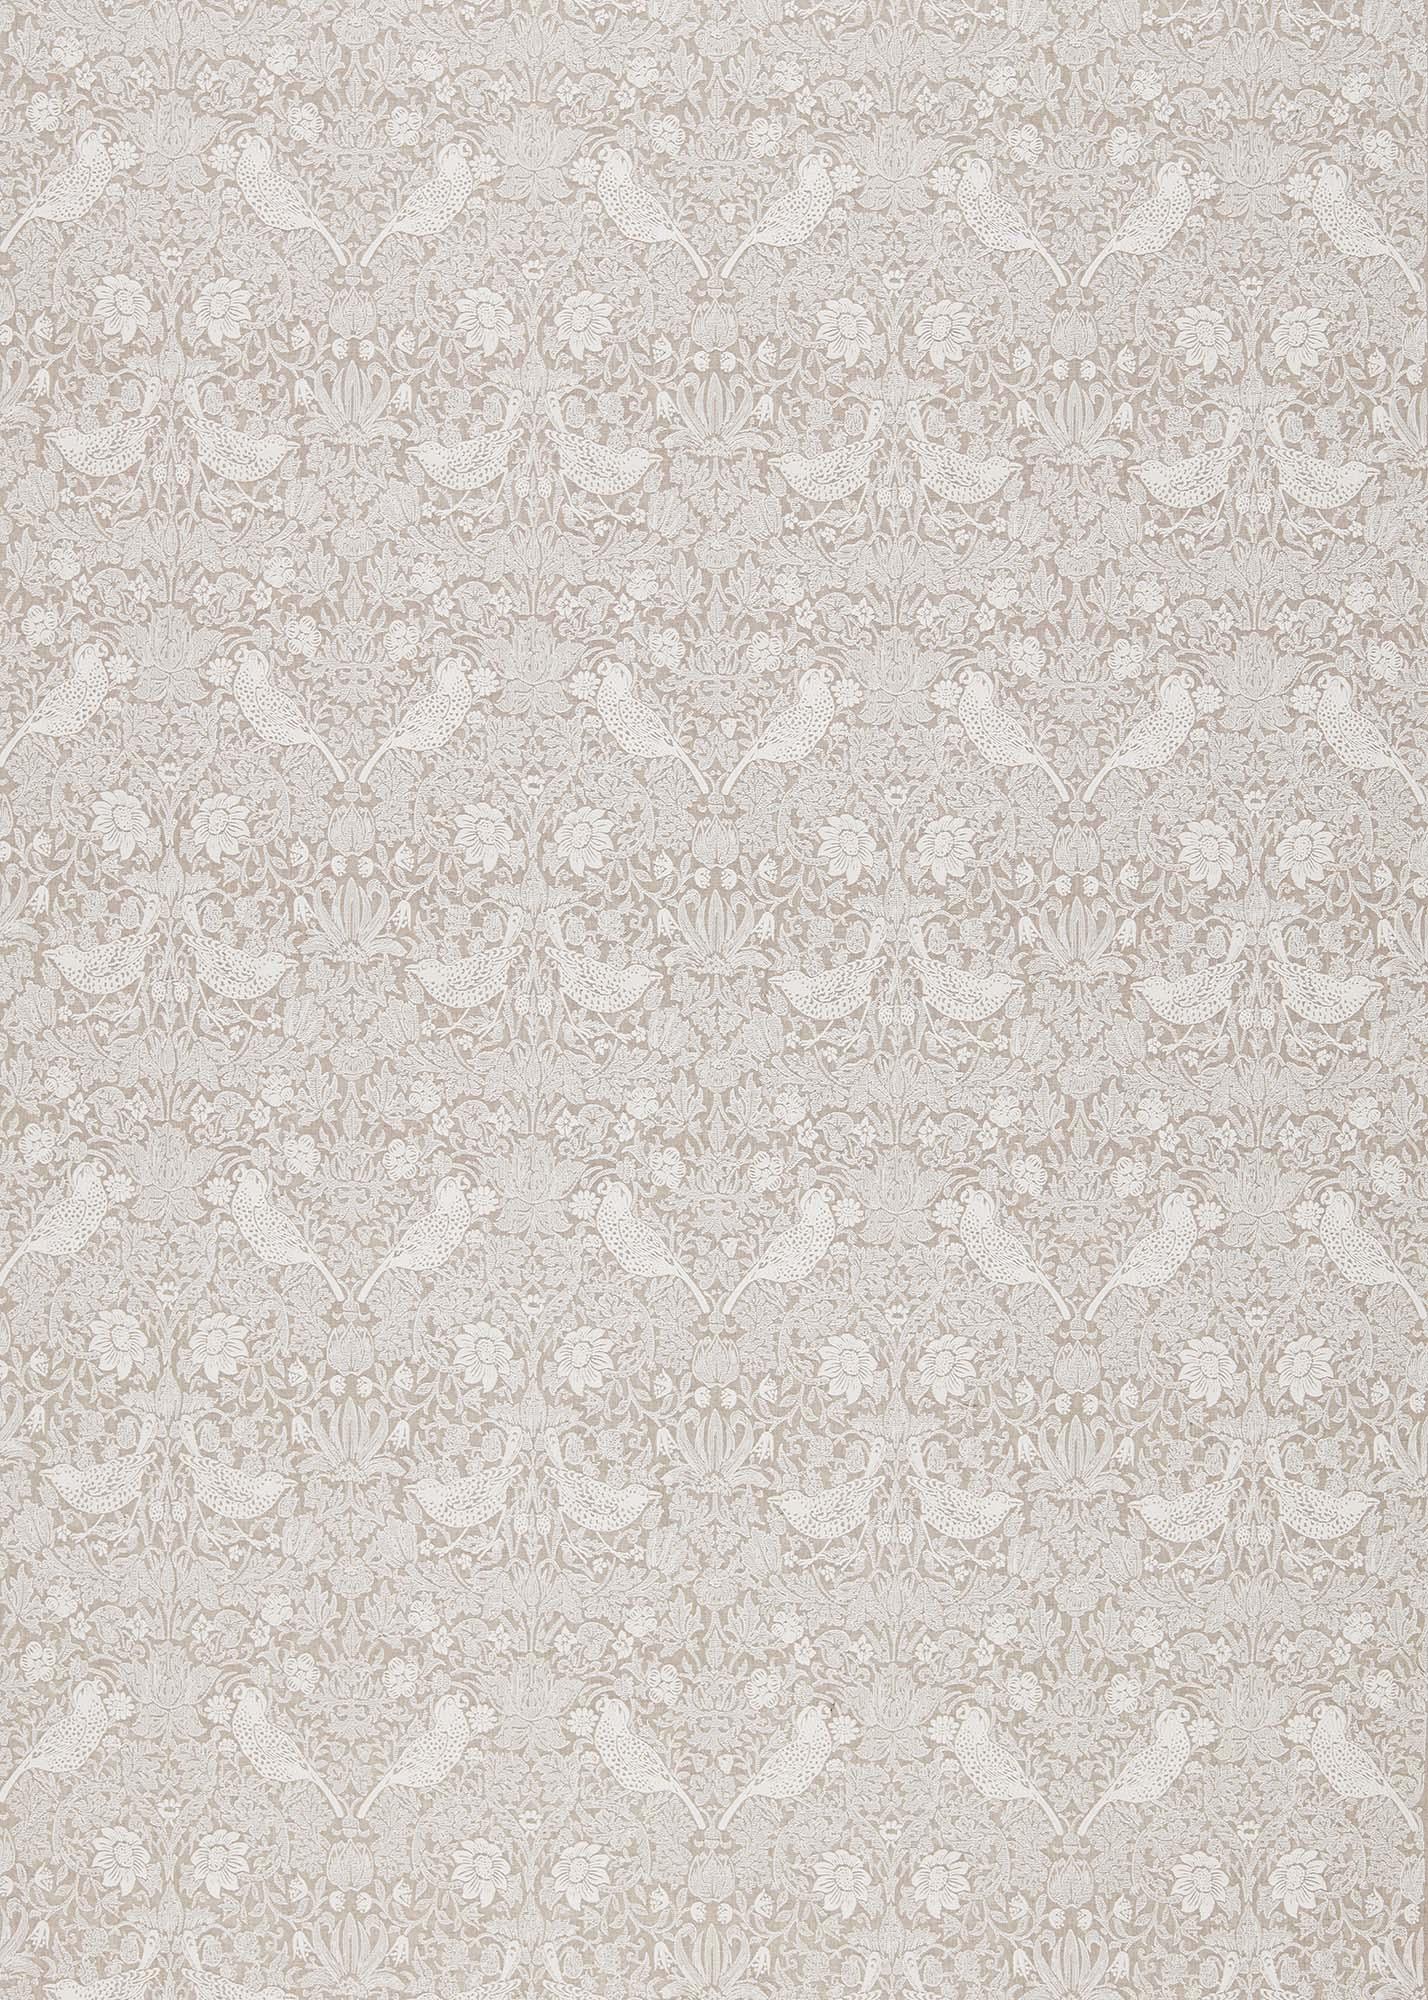 ウィリアムモリス生地 Pure Strawberry Thief Embroidery 236071